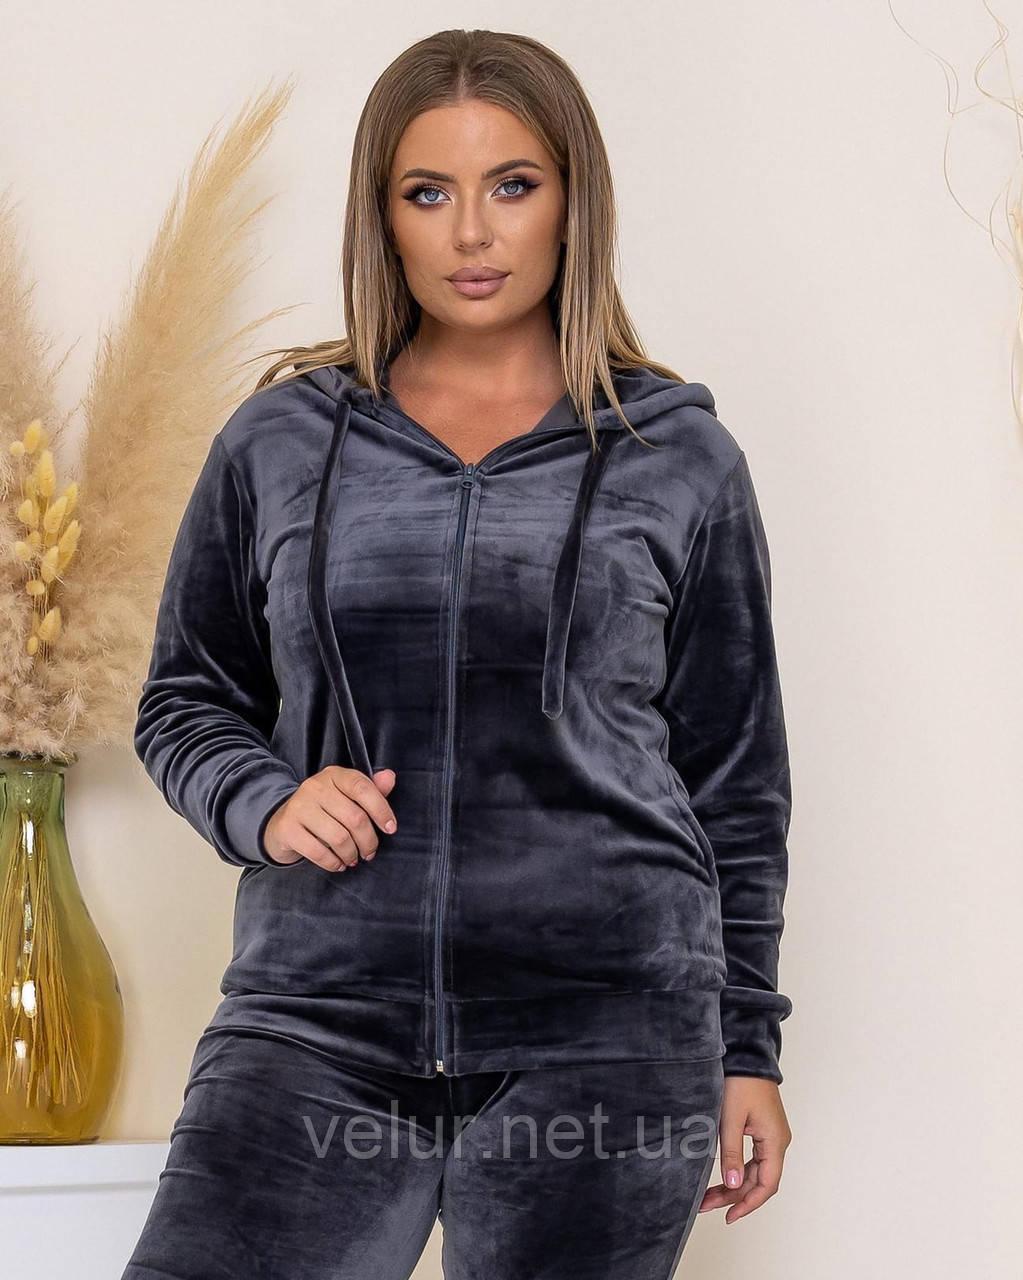 Жіночий теплий велюровий костюм, Розміри 50,52,54,56, 3 кольори, (Україна)